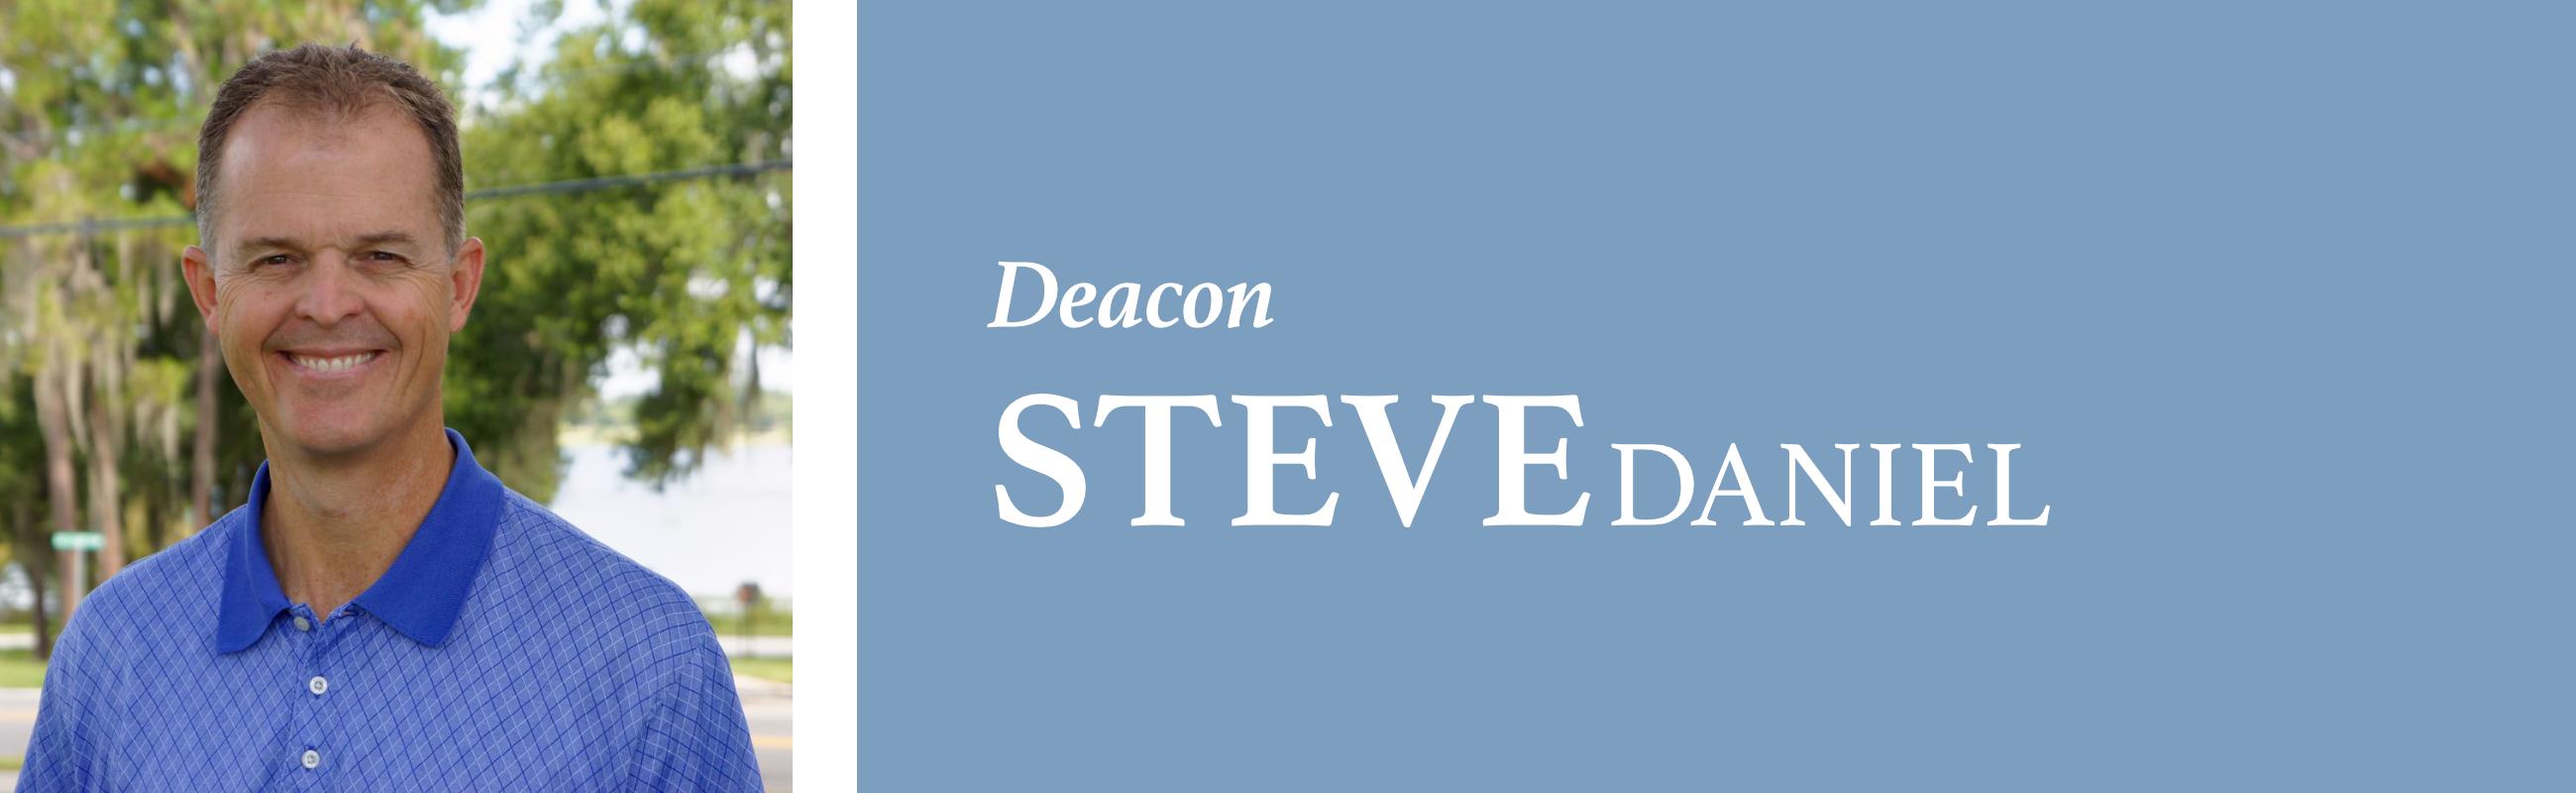 rcc deacon 3